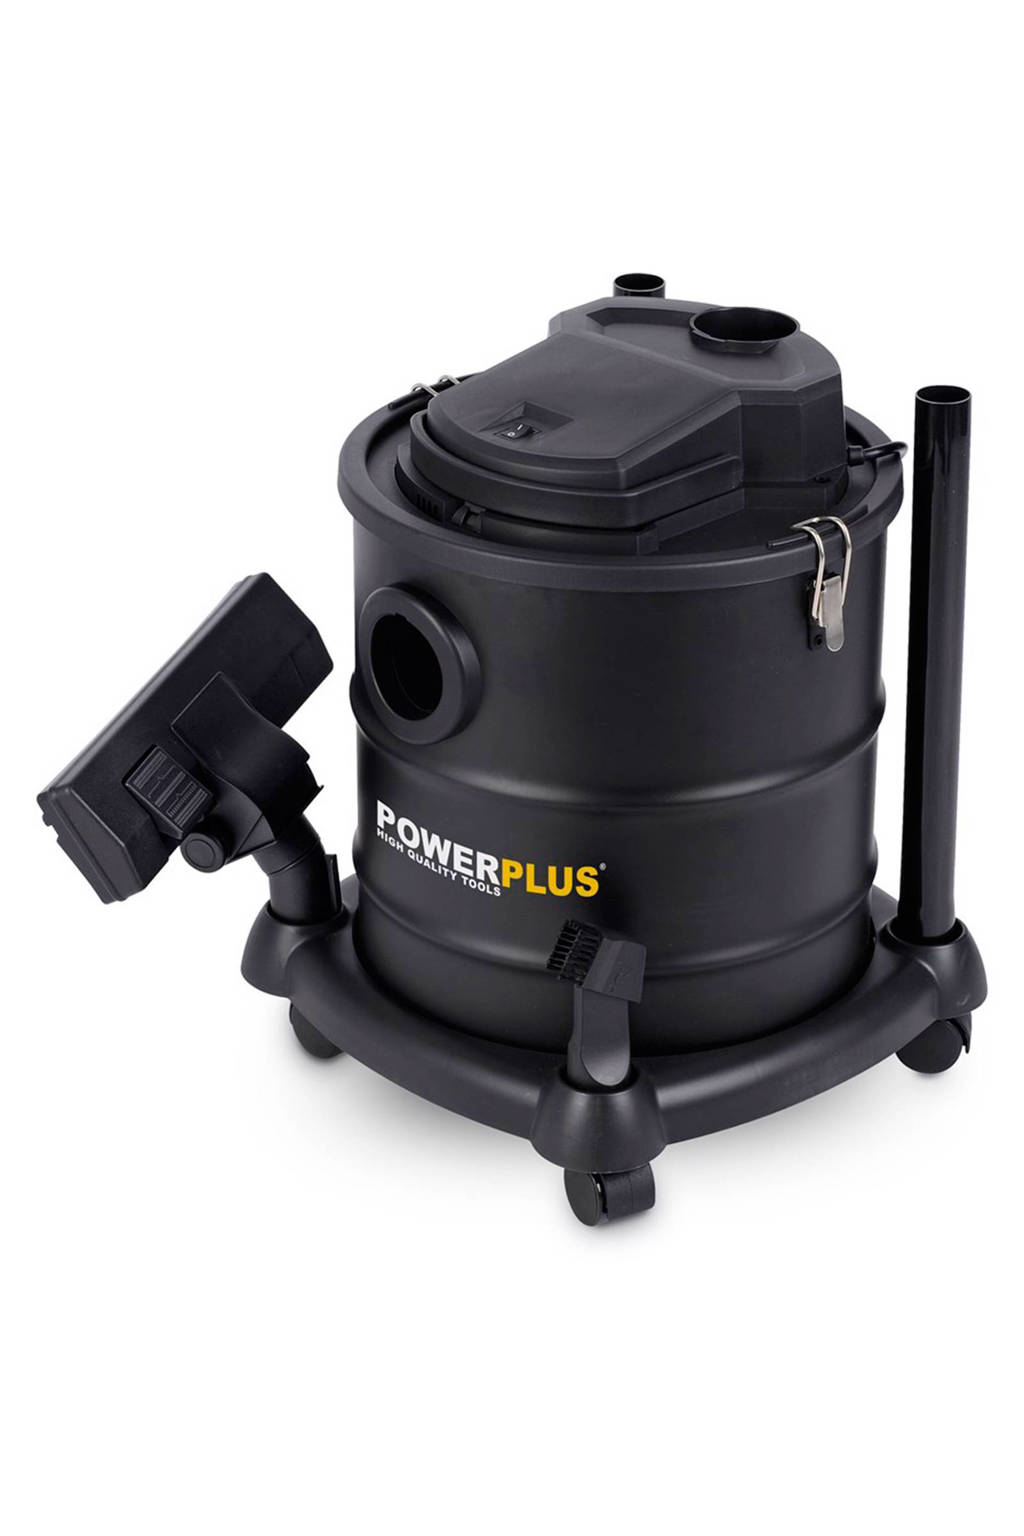 Powerplus POWX308 as-/stofzuiger 1200W